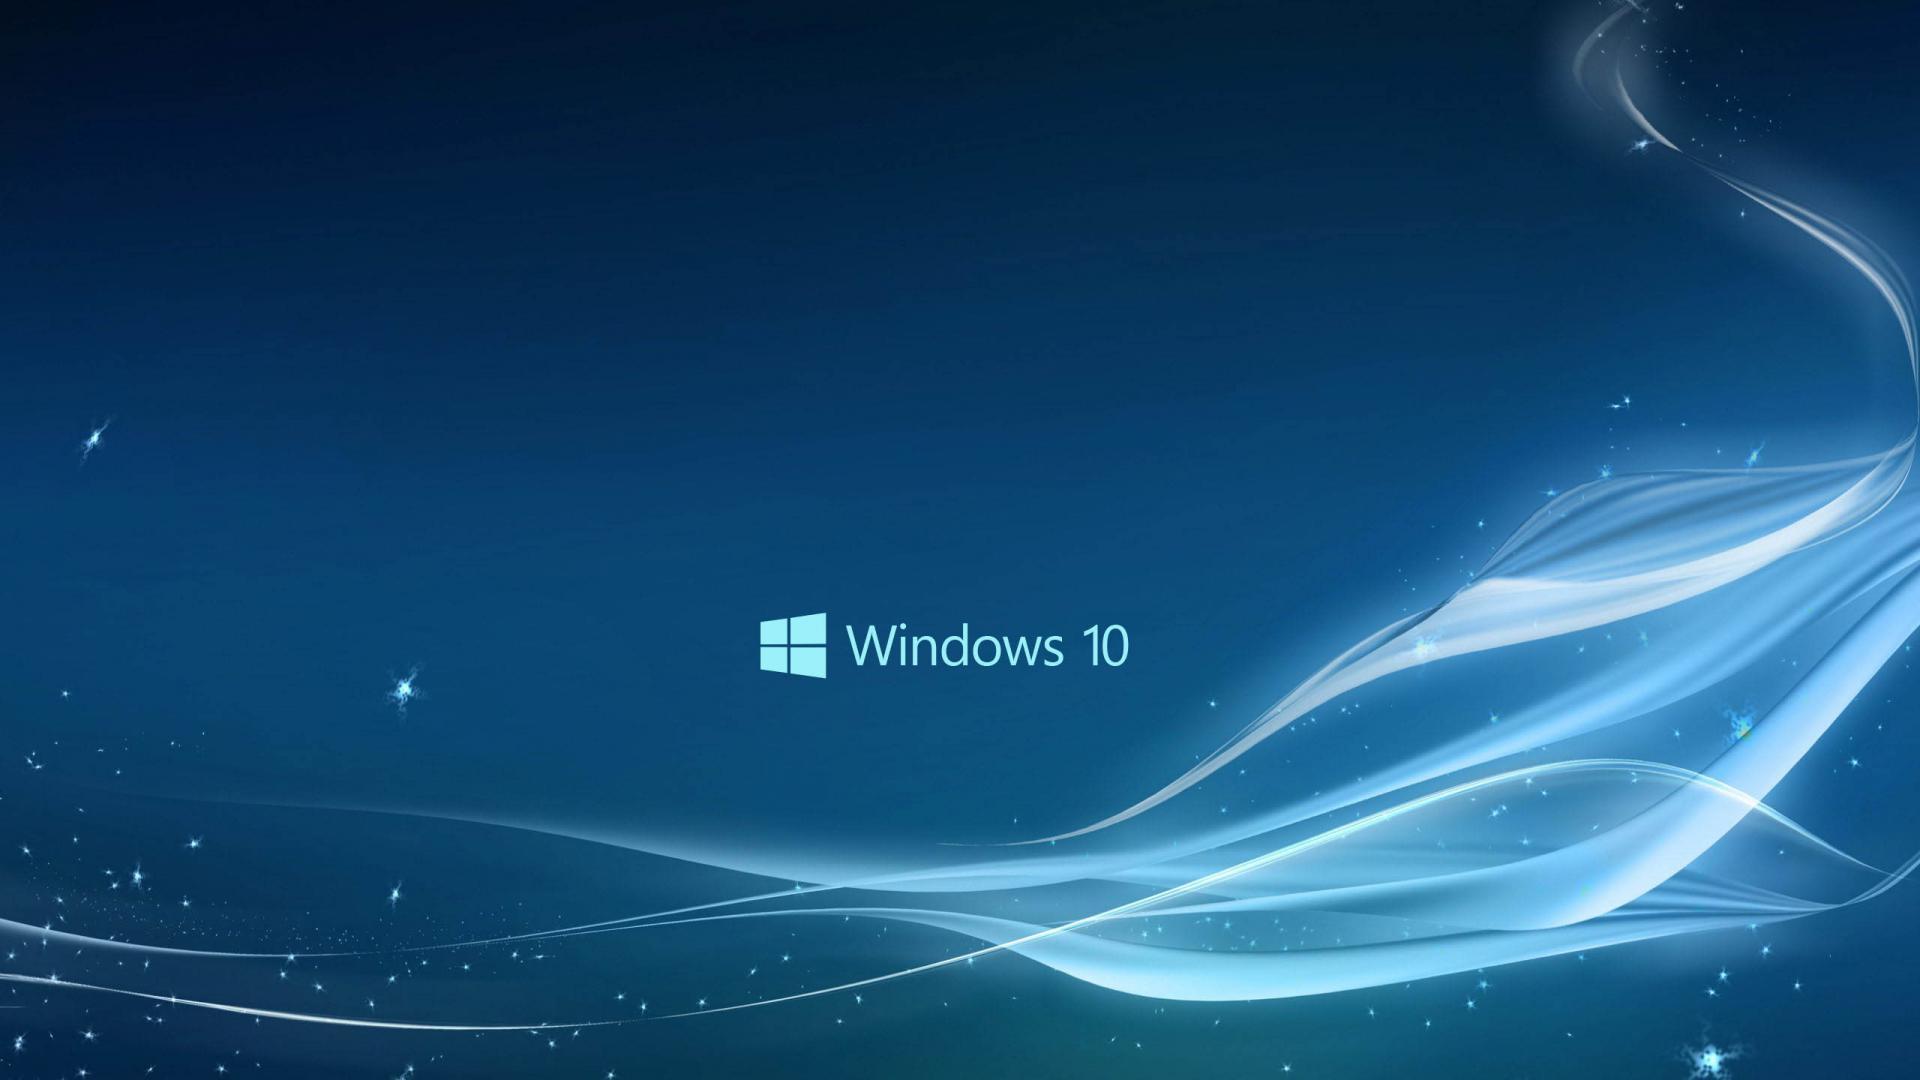 Fondo con el logo de Windows 10